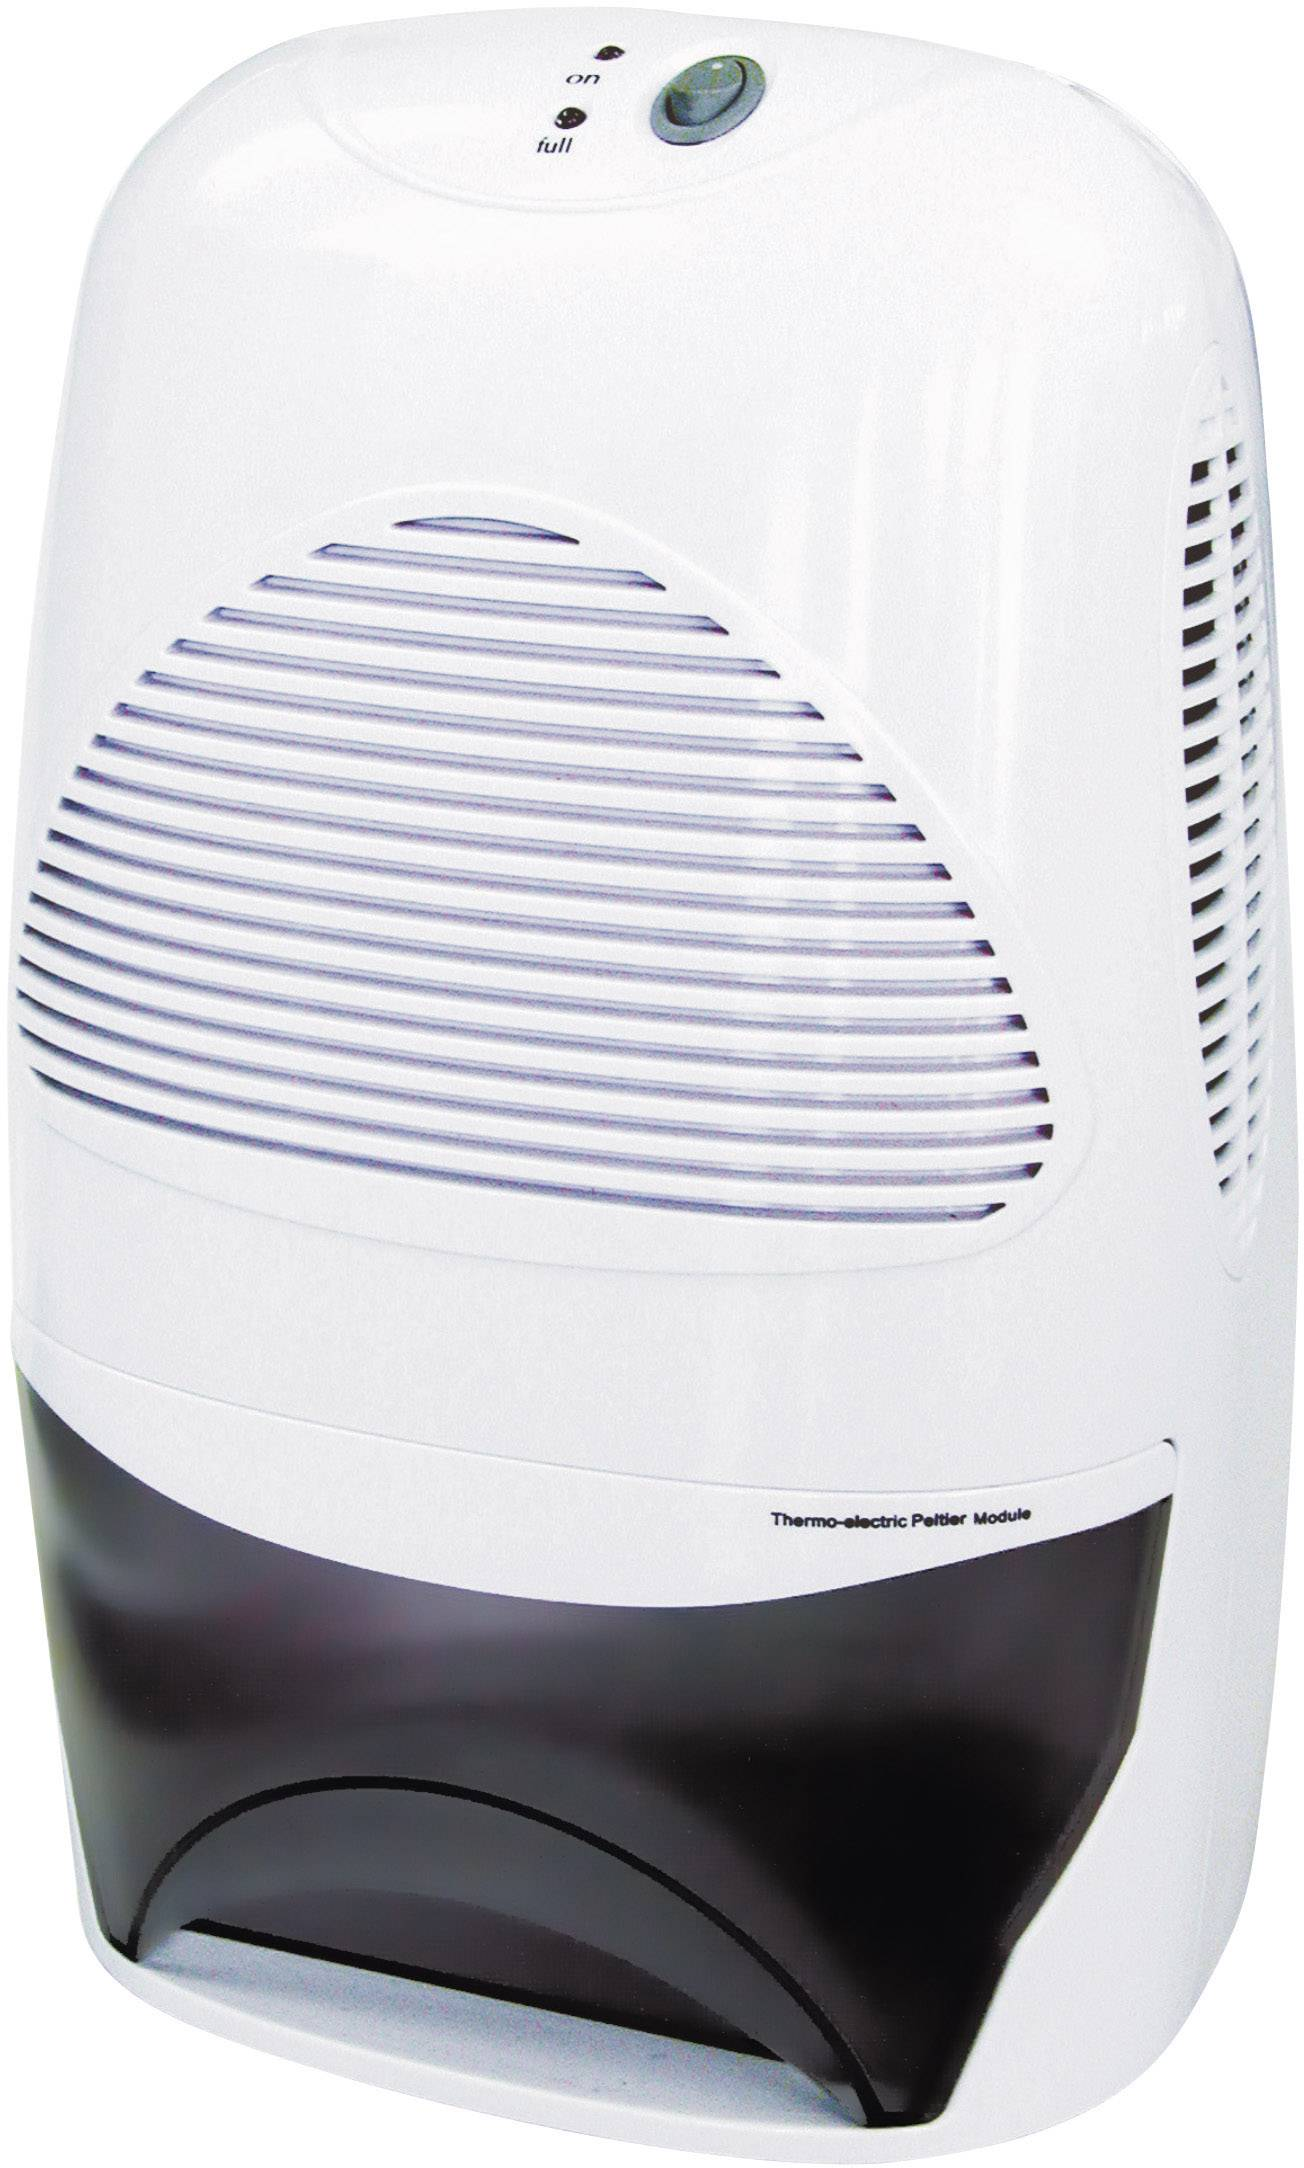 Odvlhčovač vzduchu Elro DH600, 0,6 l/den